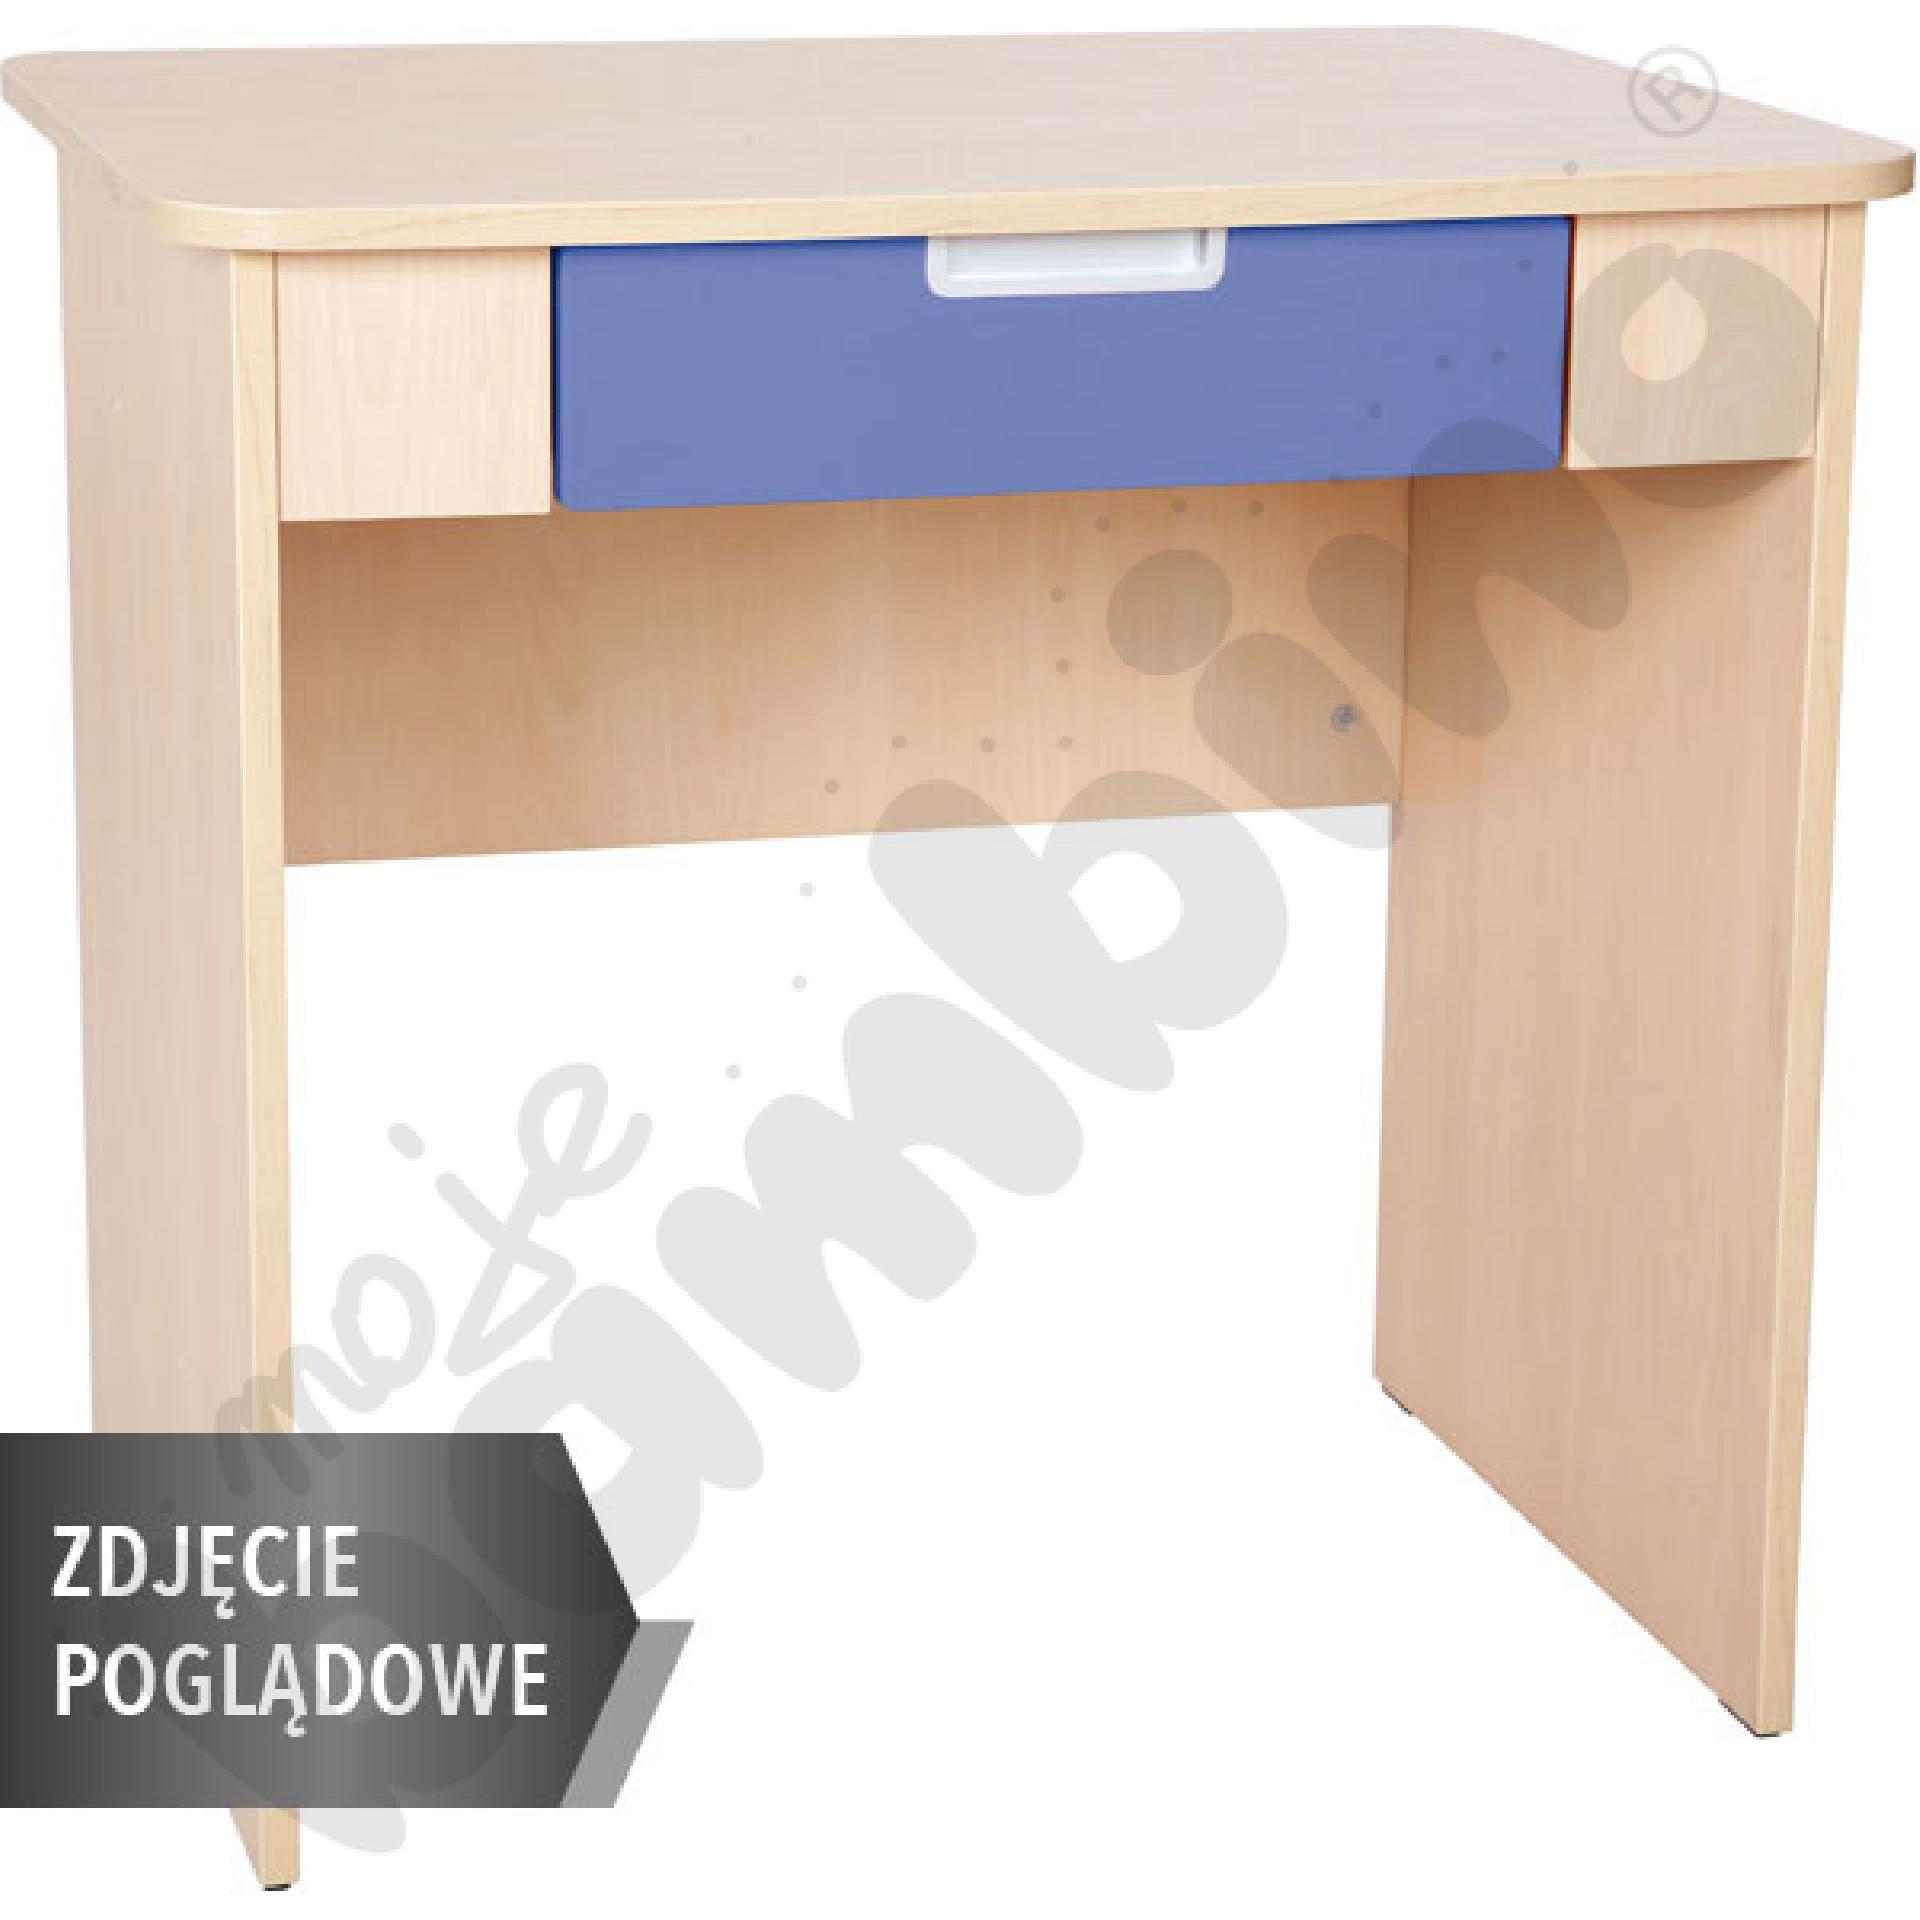 Quadro - biurko z szeroką szufladą - niebieskie, w białej skrzyni